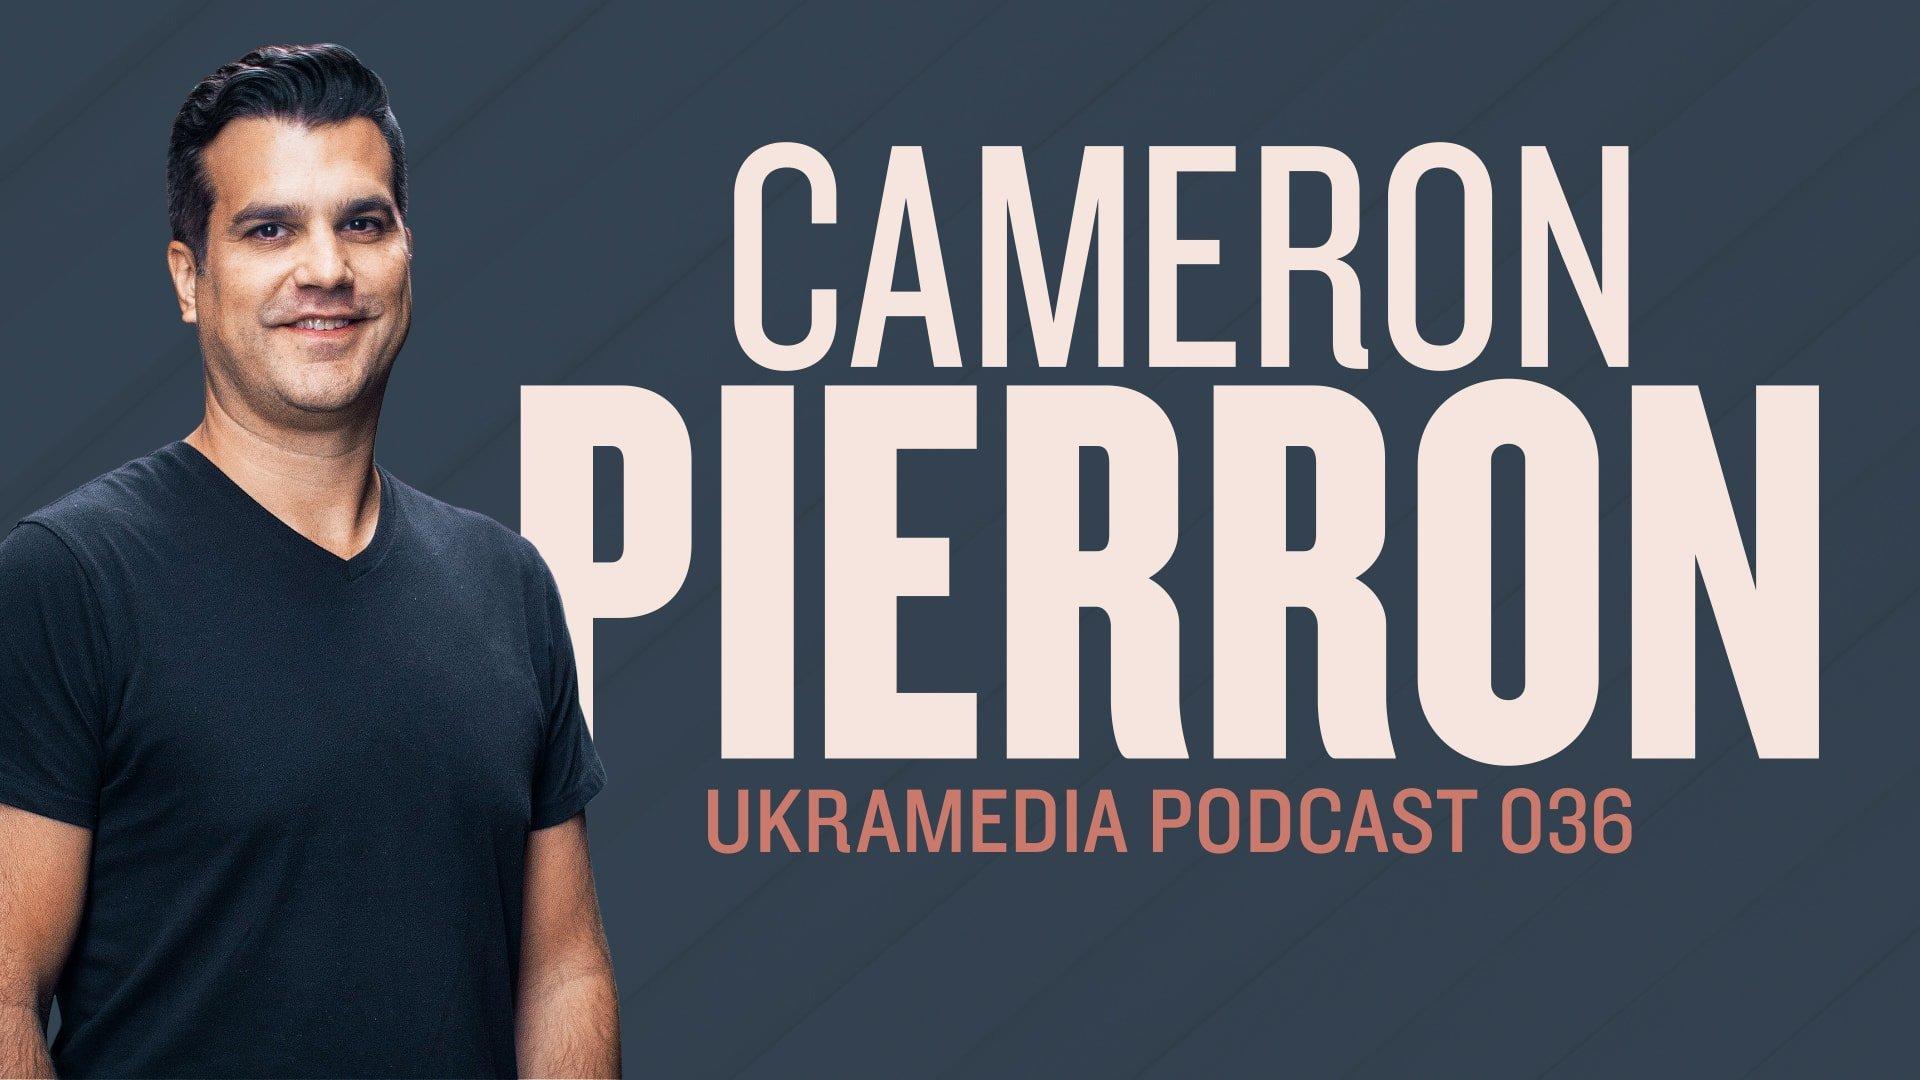 Cameron Pierron